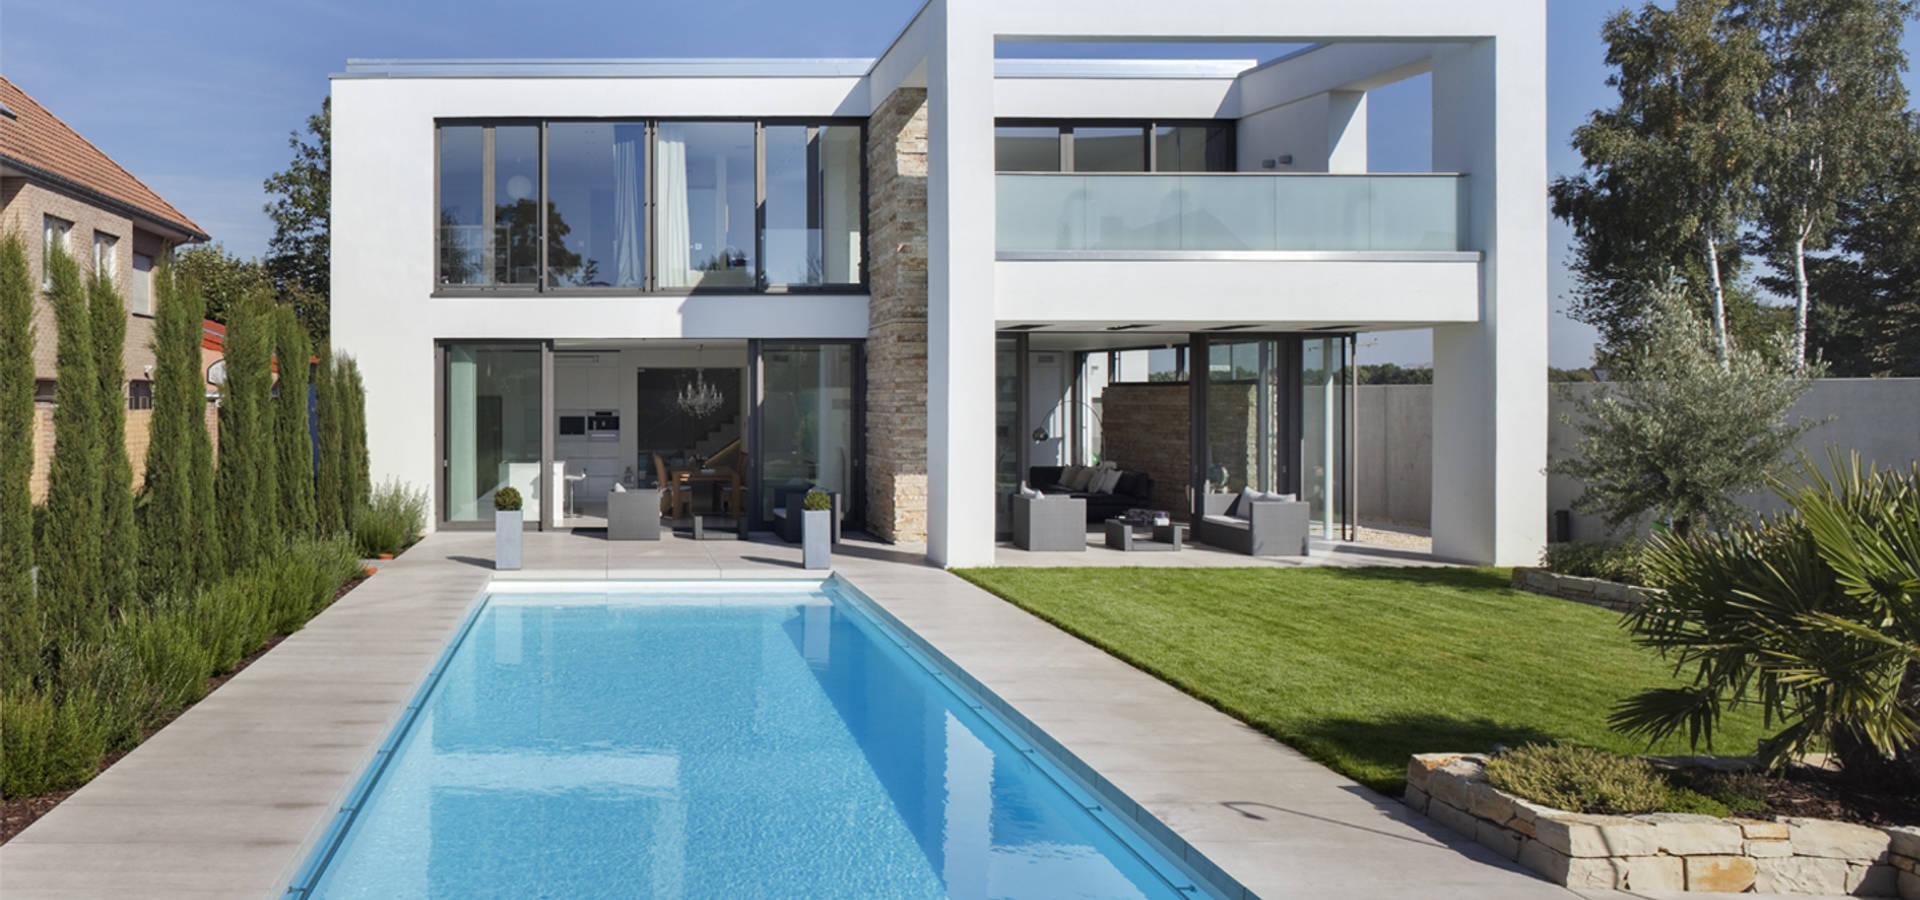 Haus D Koln Mungersdorf By Skandella Architektur Innenarchitektur